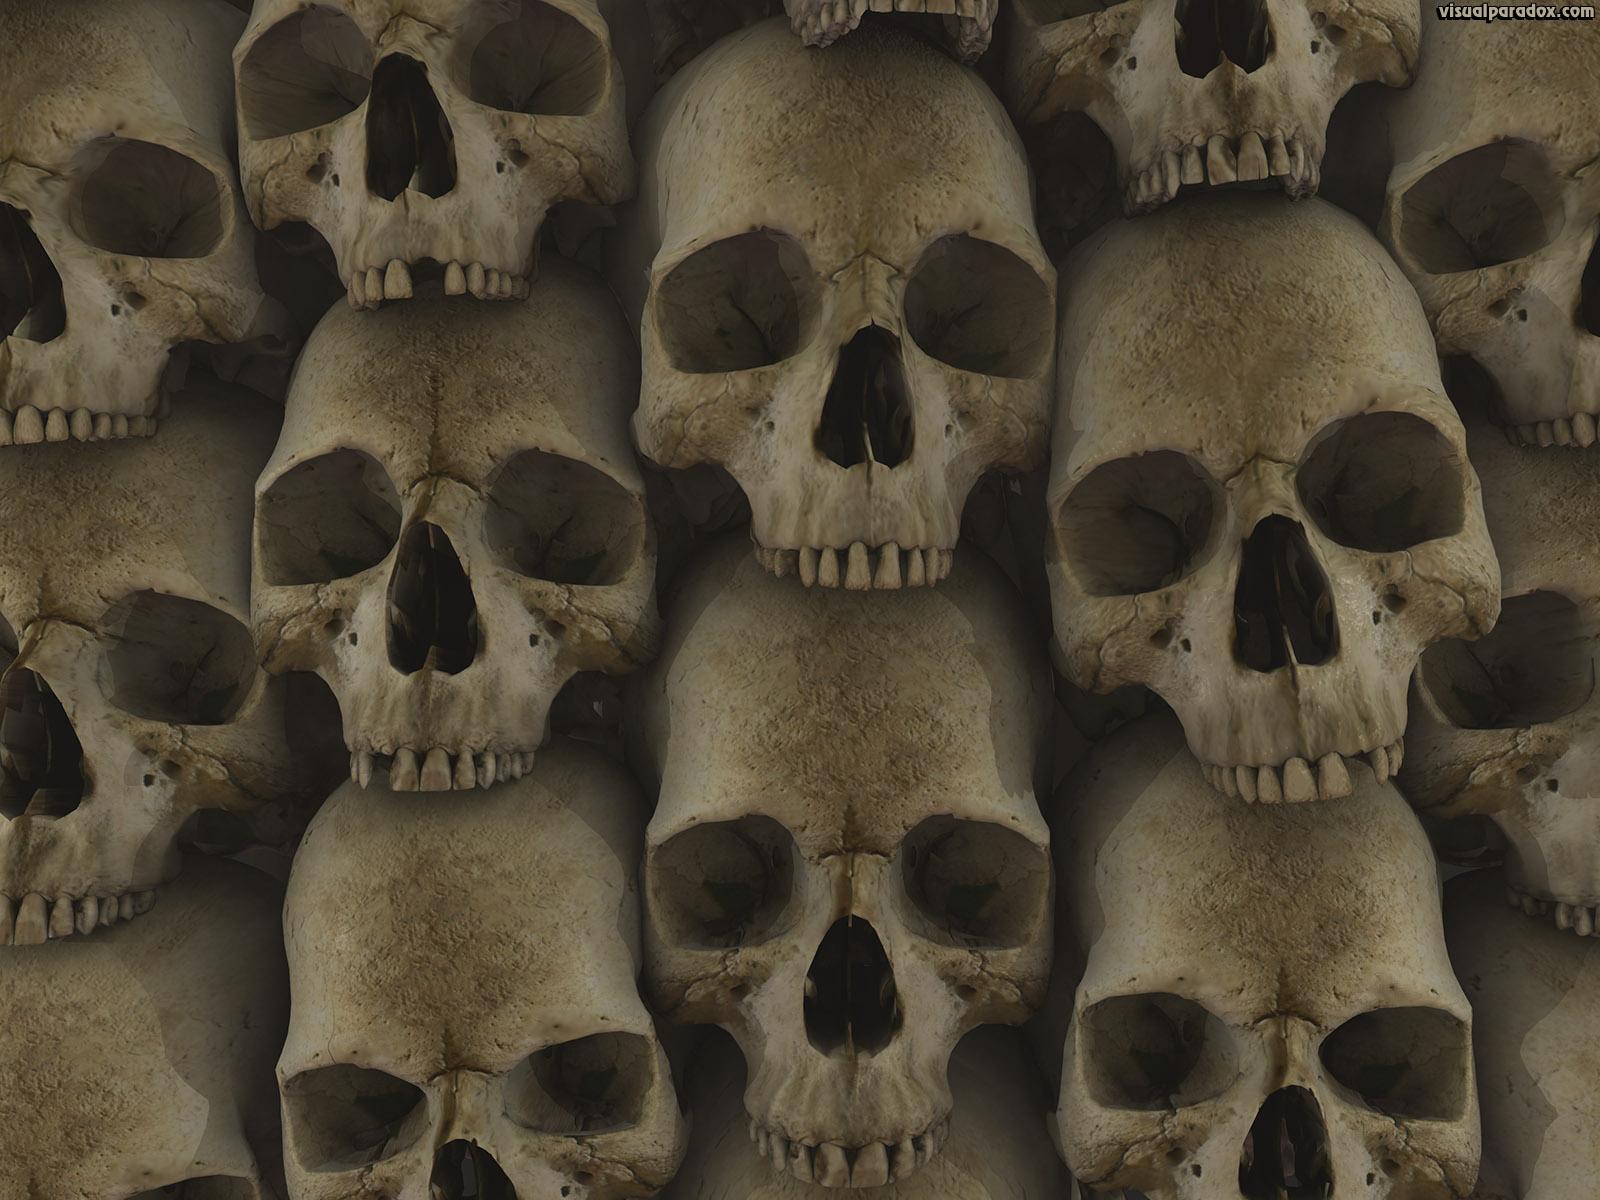 Stack les catacombes crypt gothic skulls bones 3d wallpaper